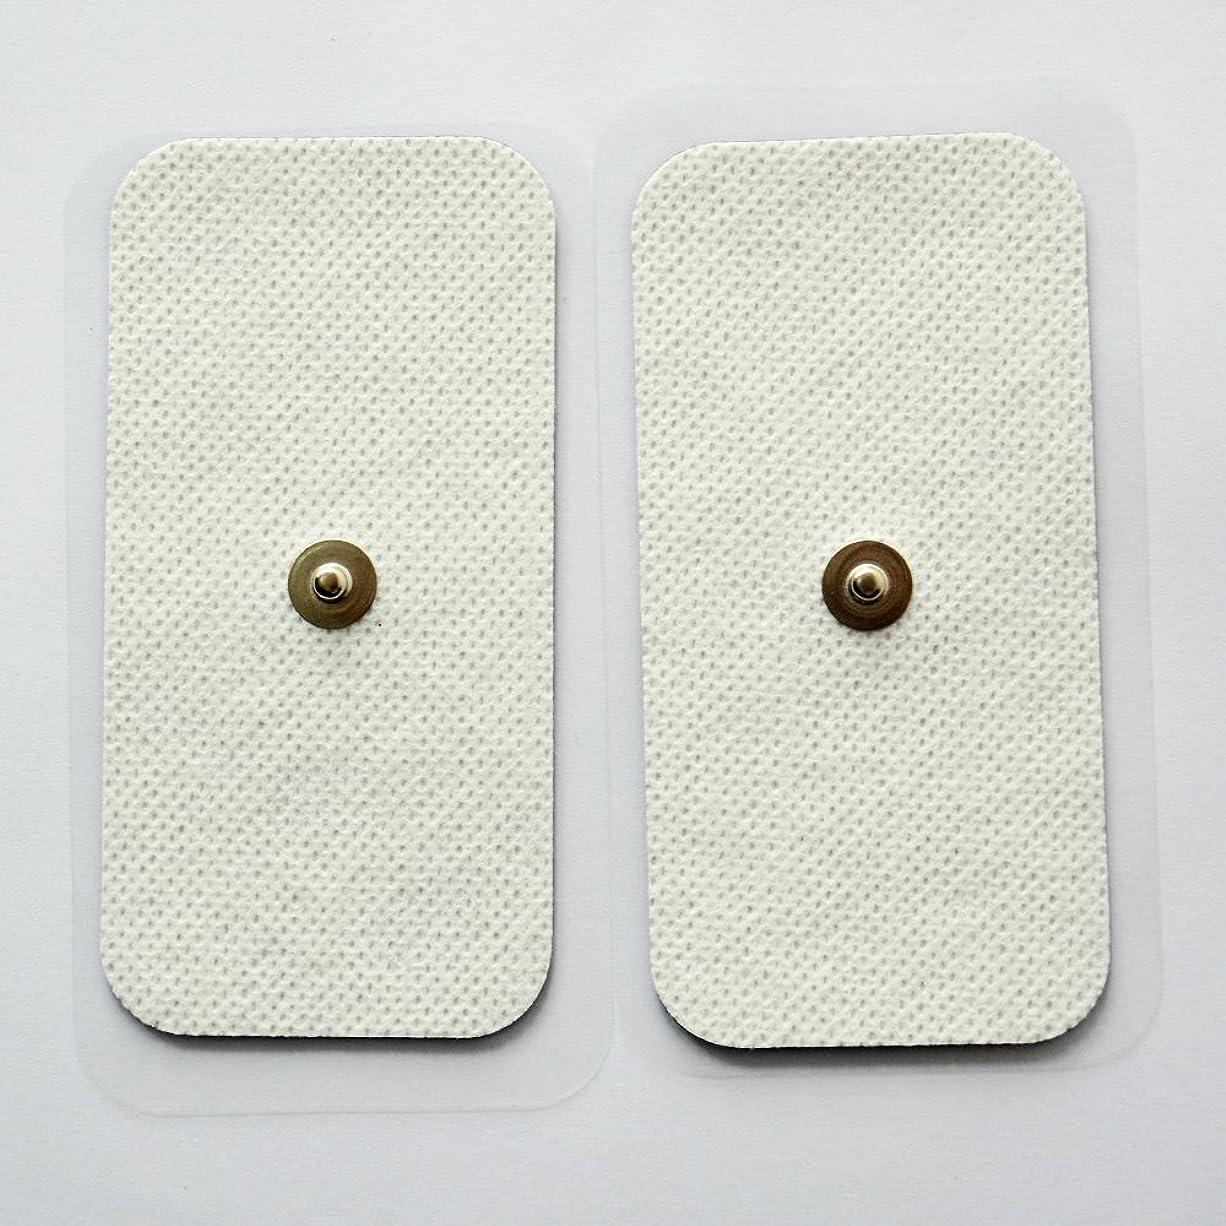 洗う夫便利さKonmed 粘着パッド 低周波用 電極パッド 20ペア/40枚入り, 角形5cm*10cm